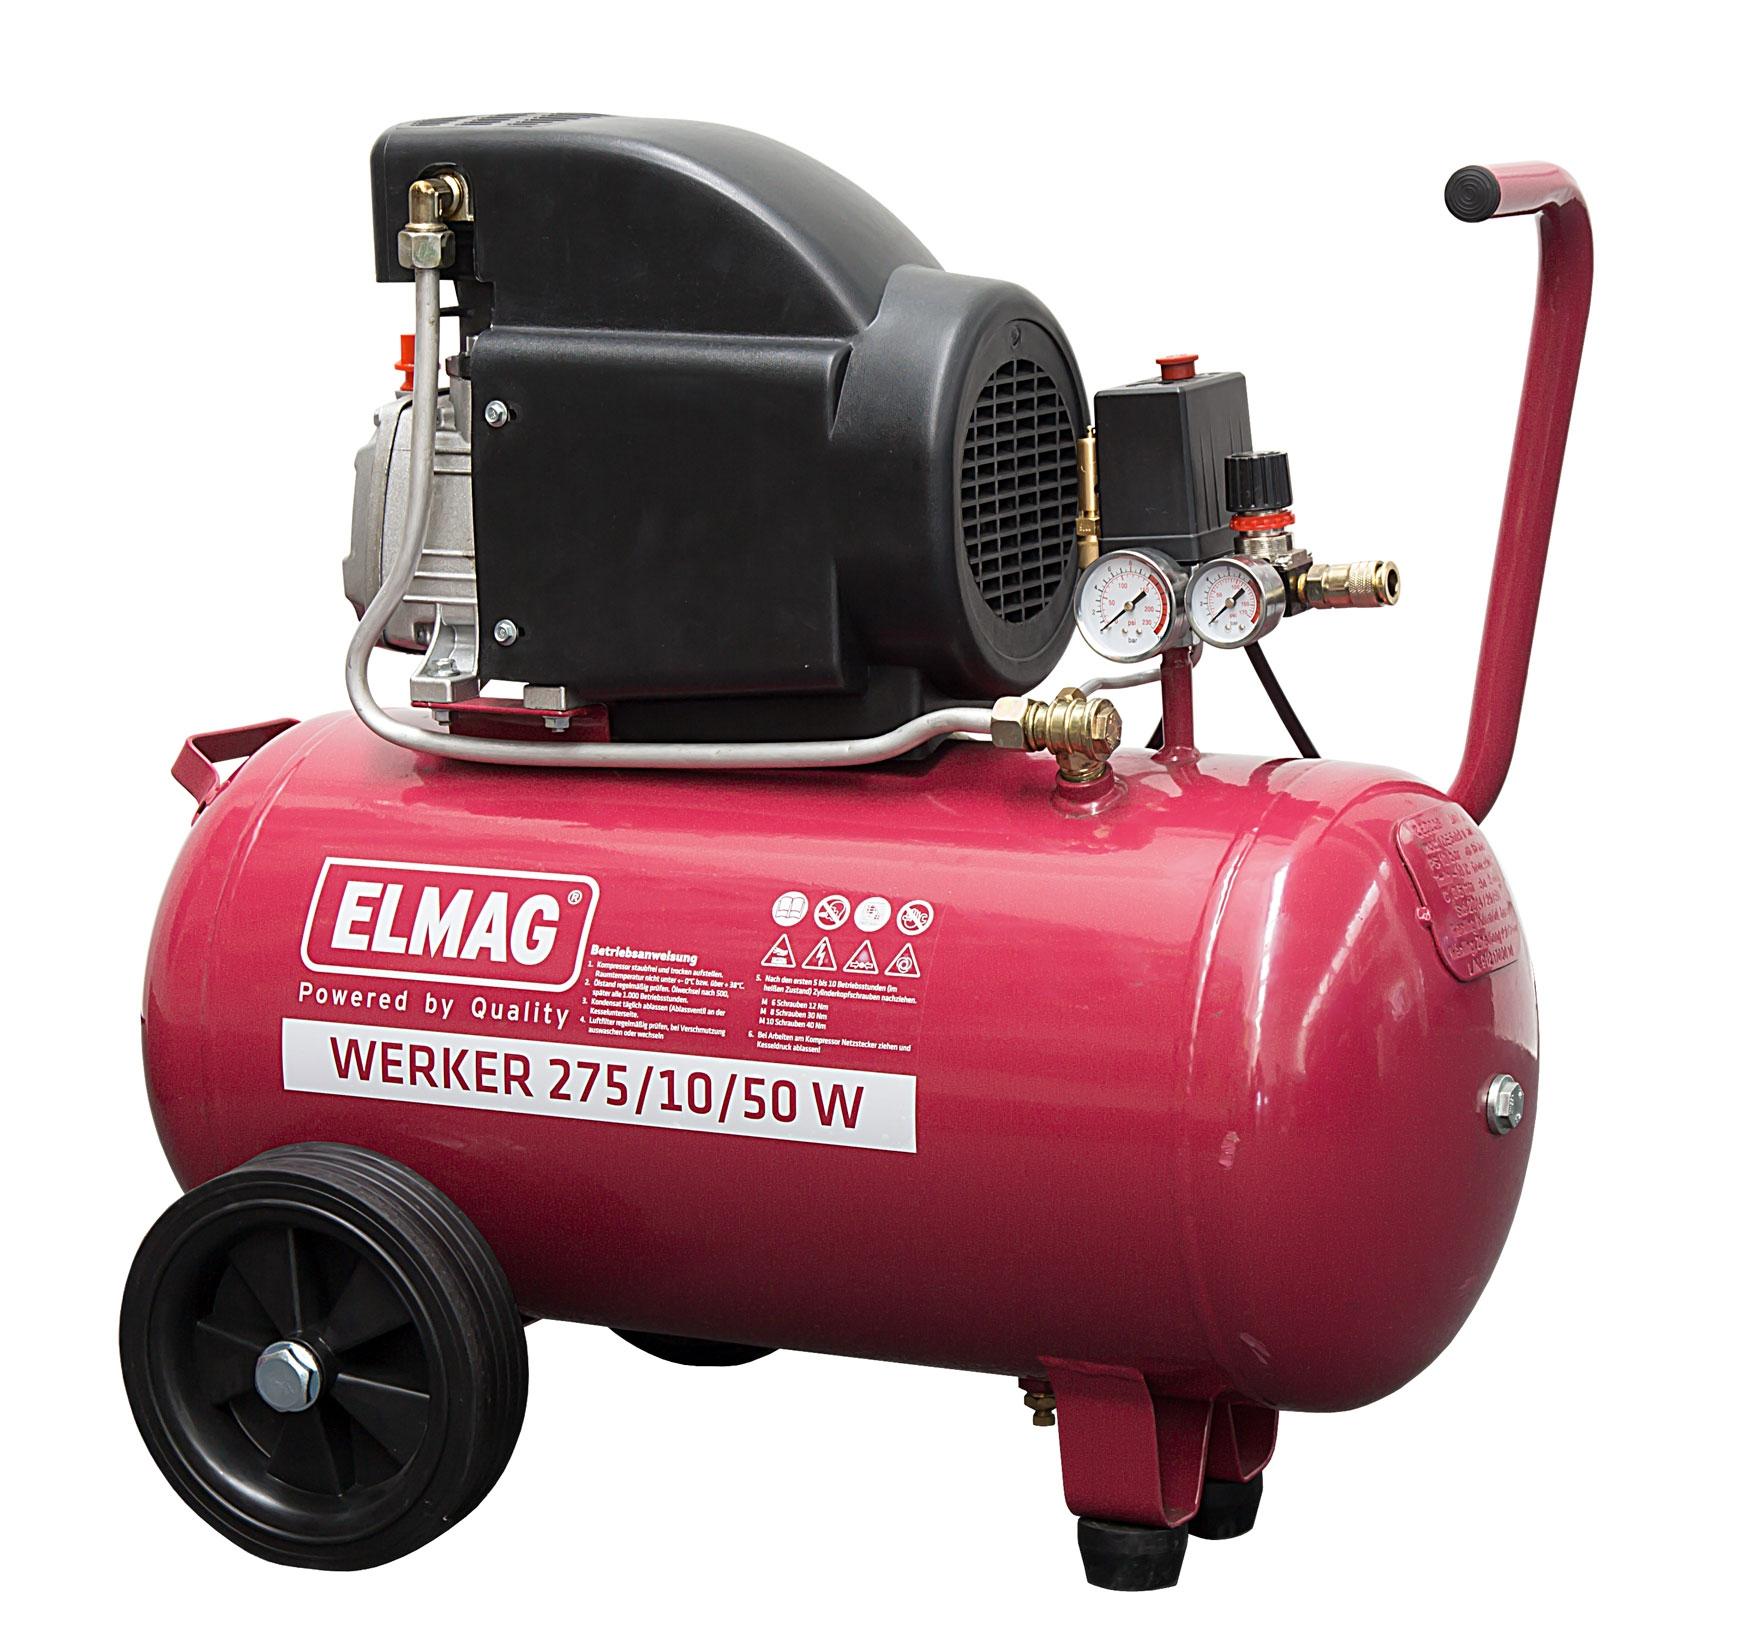 Elmag Kompressor WERKER 275/10/50 W